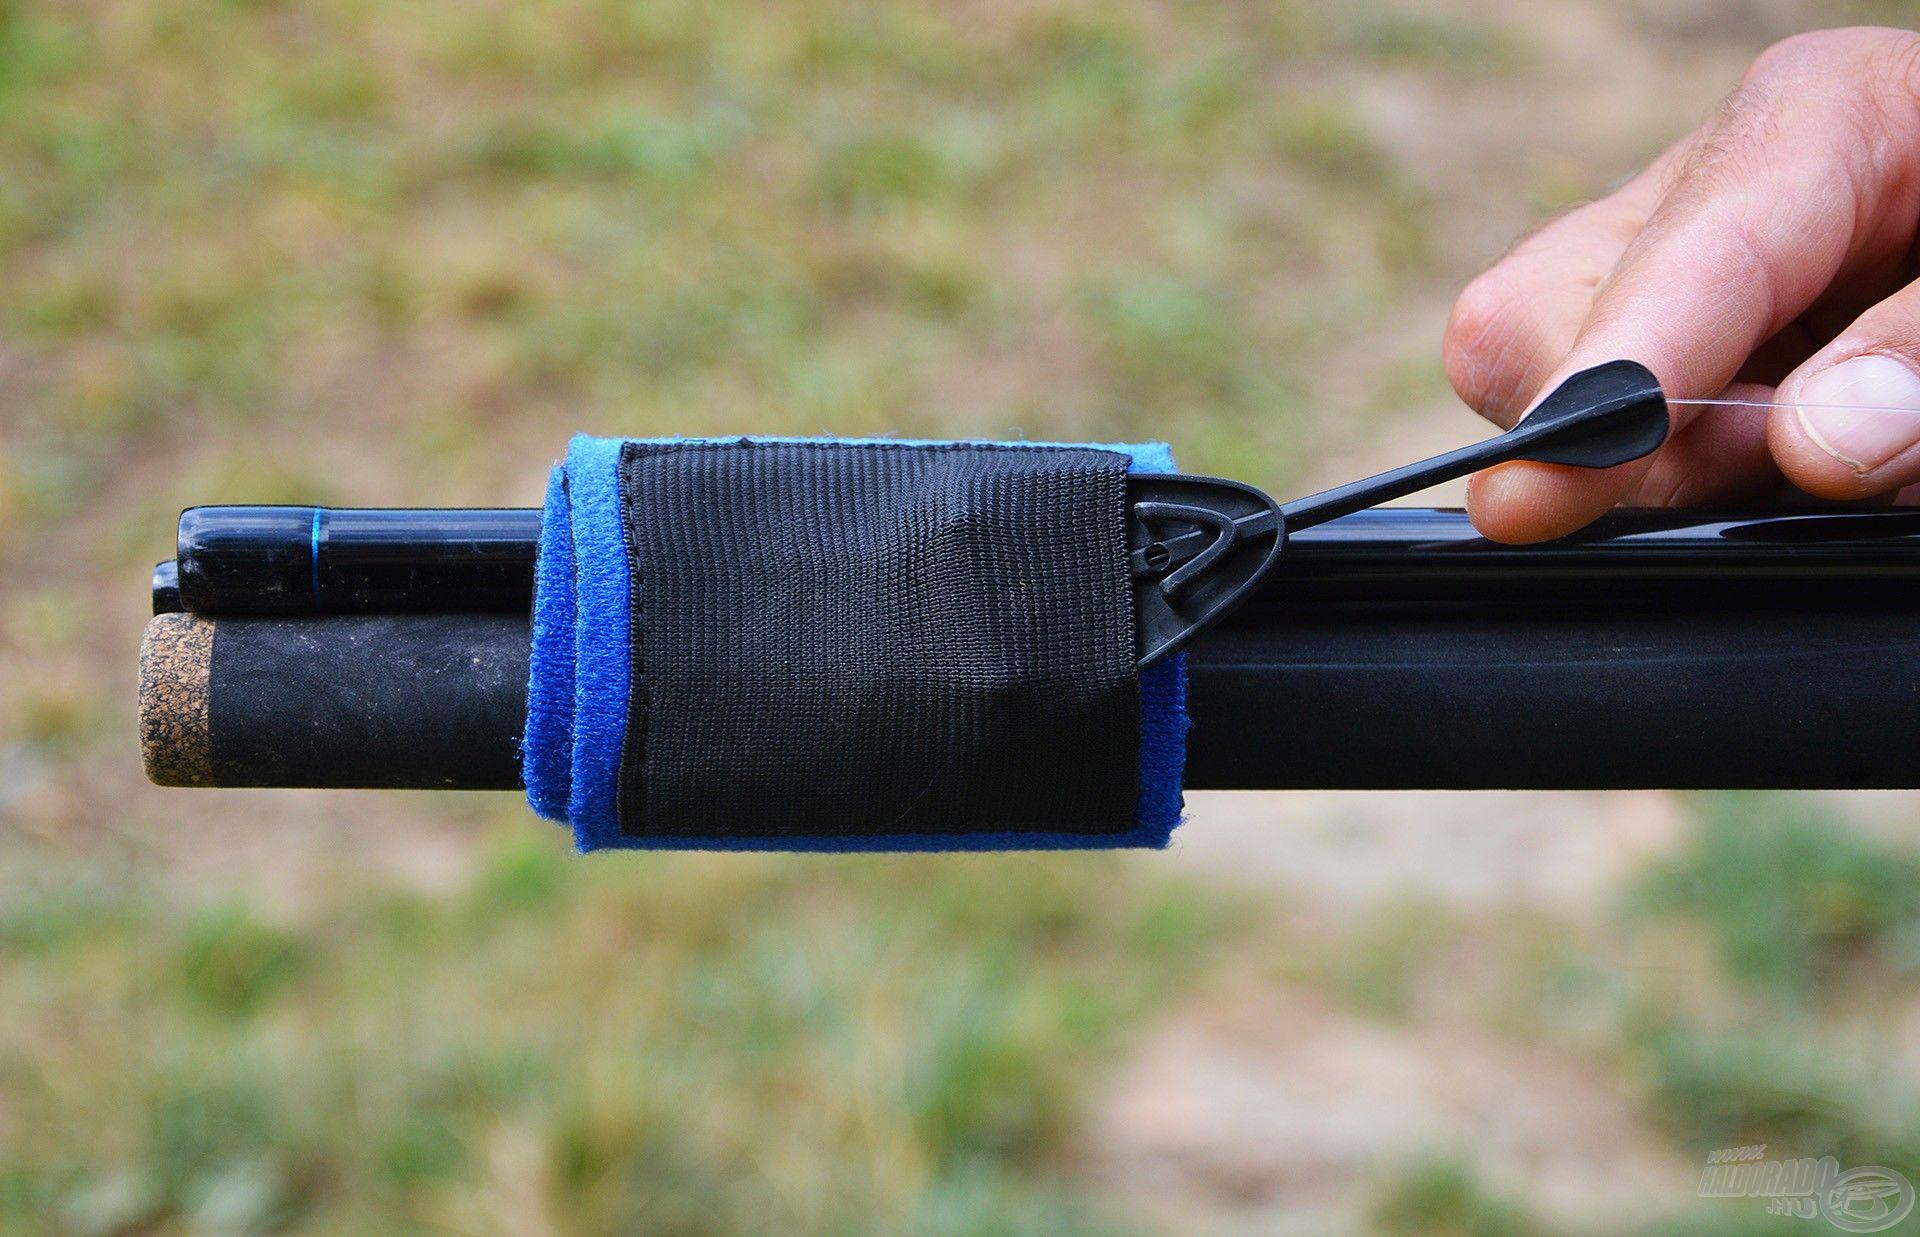 A szélesebb szalagon található gumis zsebbe lehet a method kosarakat belecsúsztatni, így azok nem verődnek a bottesthez szállítás közben